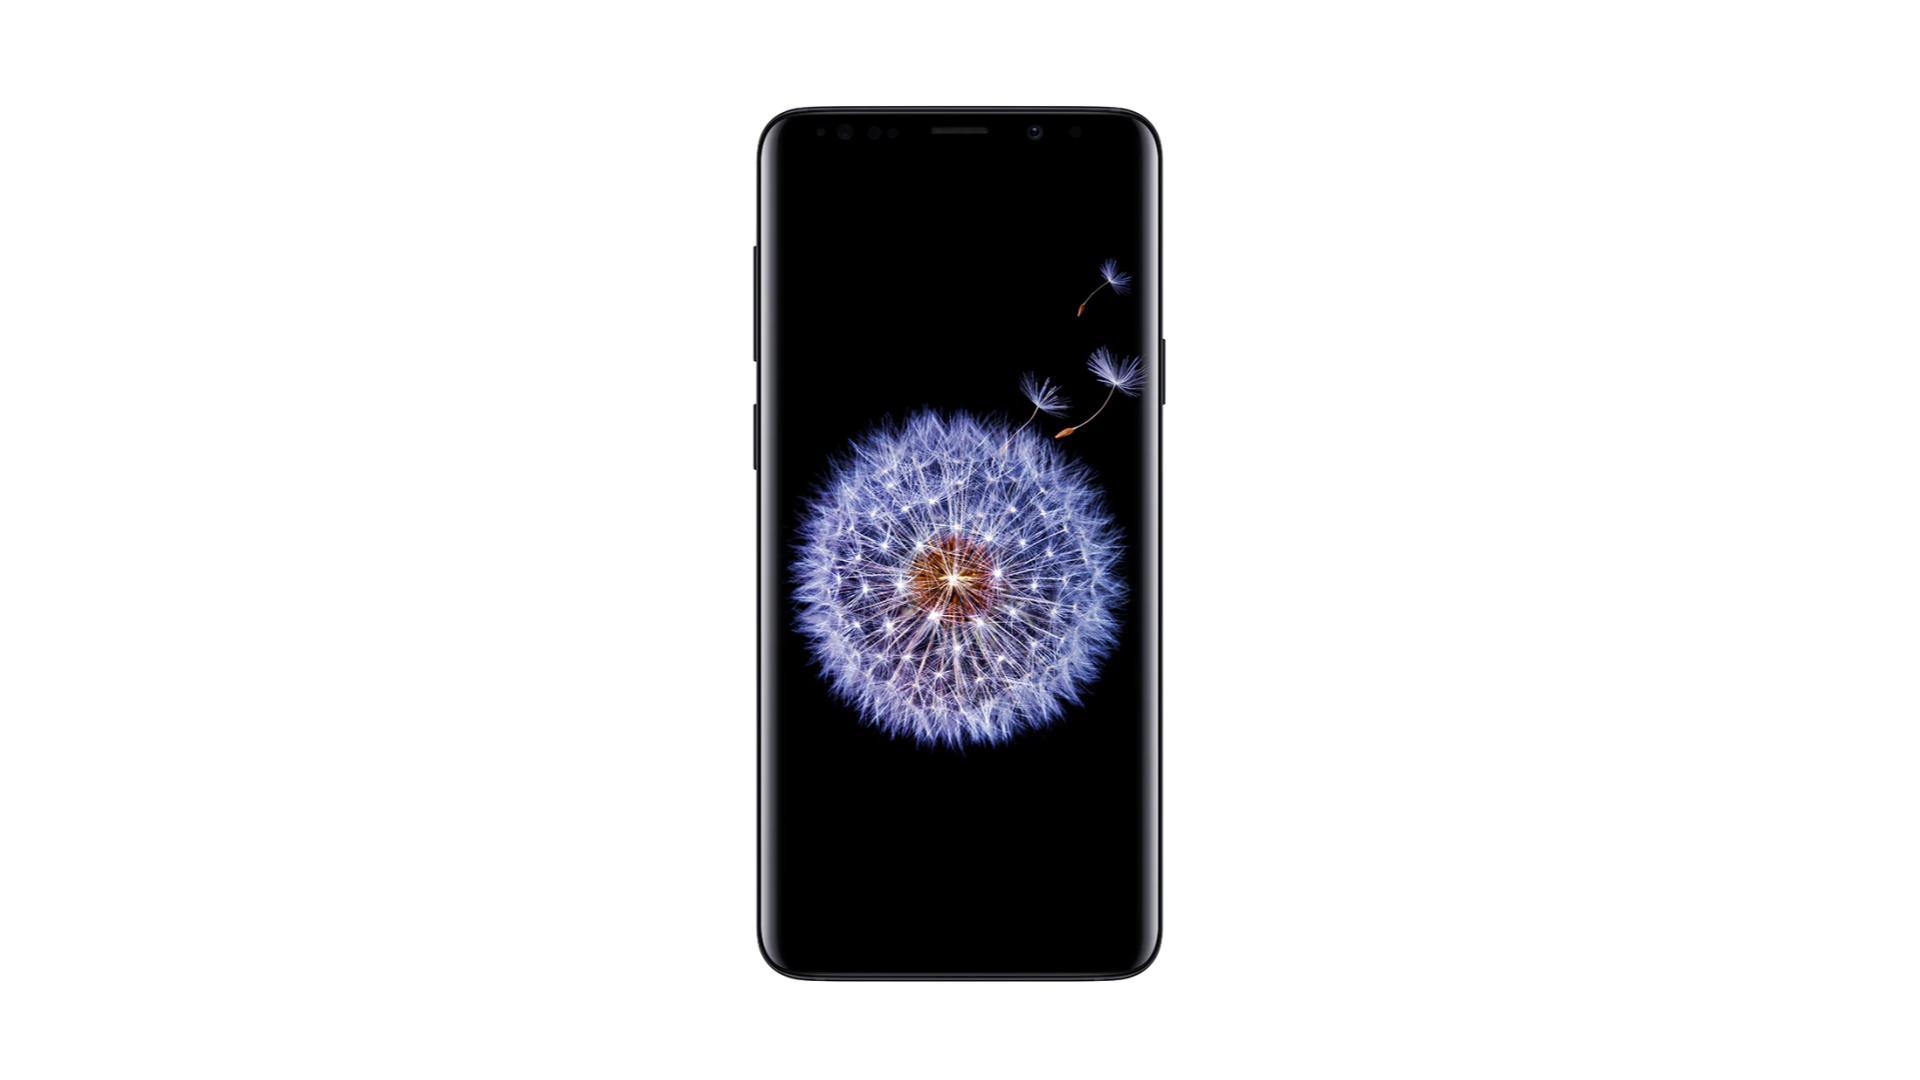 Le Samsung Galaxy S9 Plus est à 449 euros, c'est 47 % de son prix d'origine